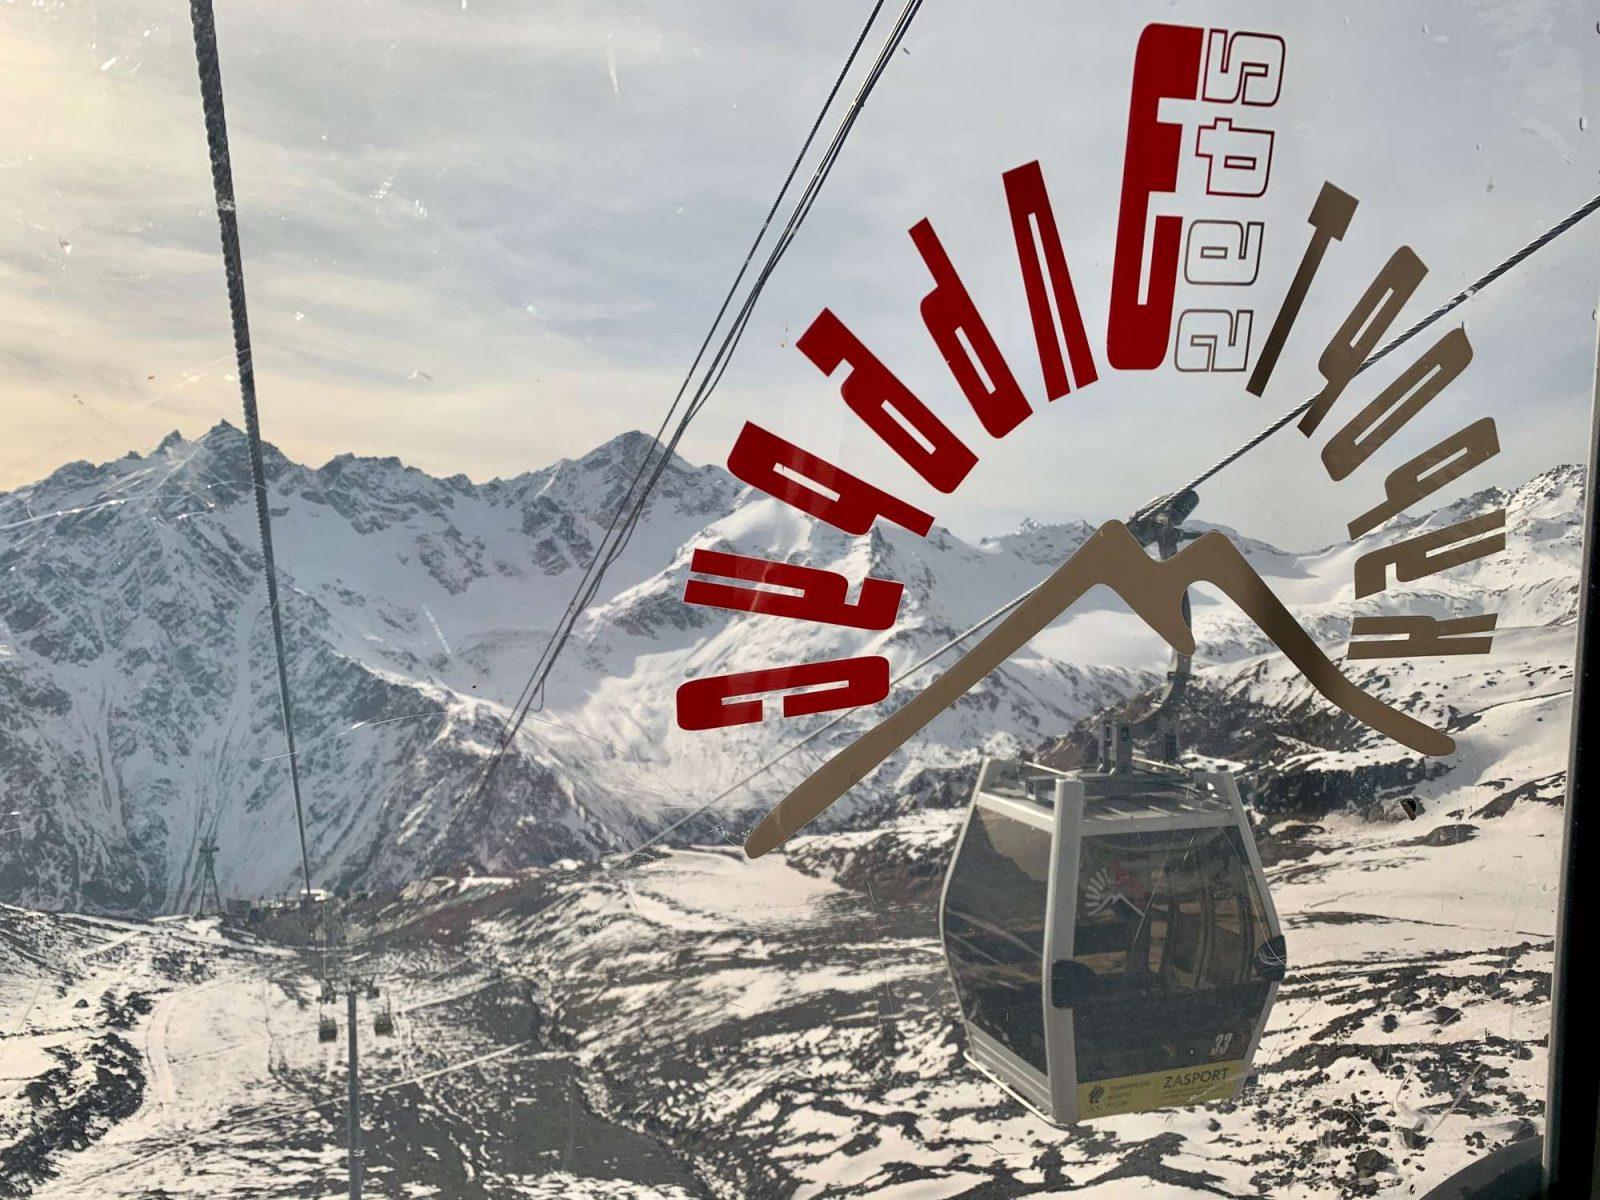 Trekking v prielbrusye 29 1585313618 - Акварель Кавказских гор Треккинг на юге Приэльбрусья